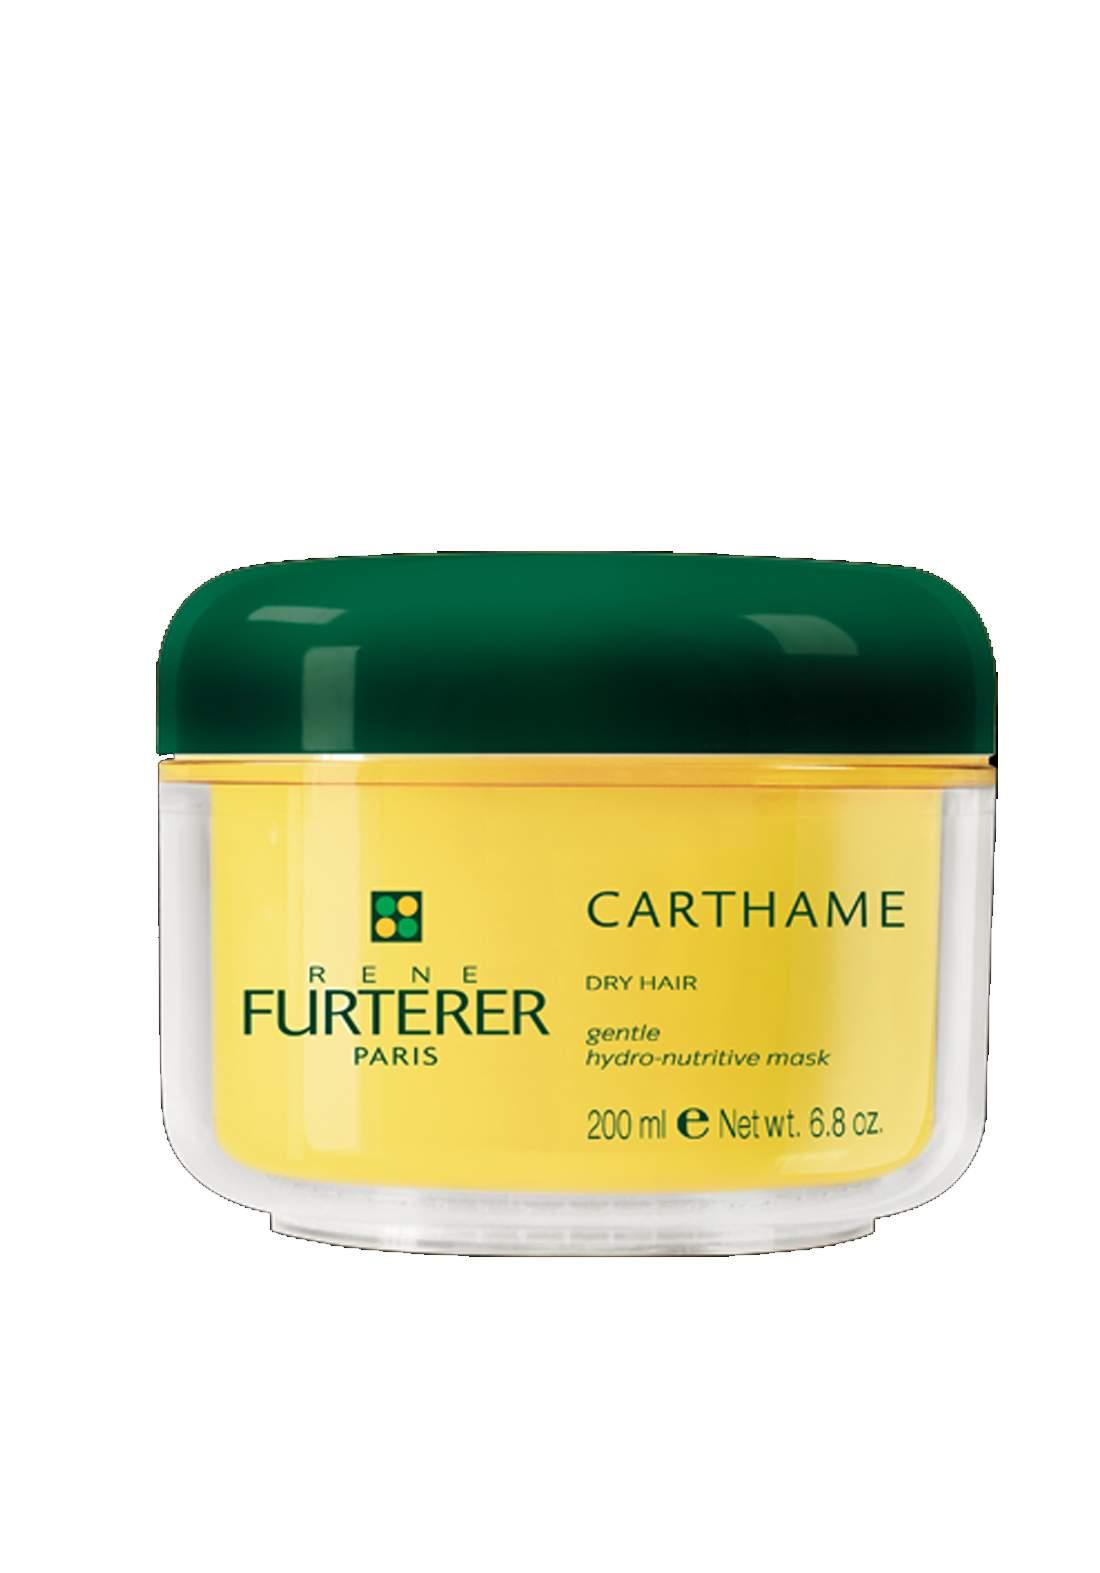 RENE FURTERER CARTHAME MASK DRY HAIR 200ML ماسك مرطب ومغذي للشعر الجاف